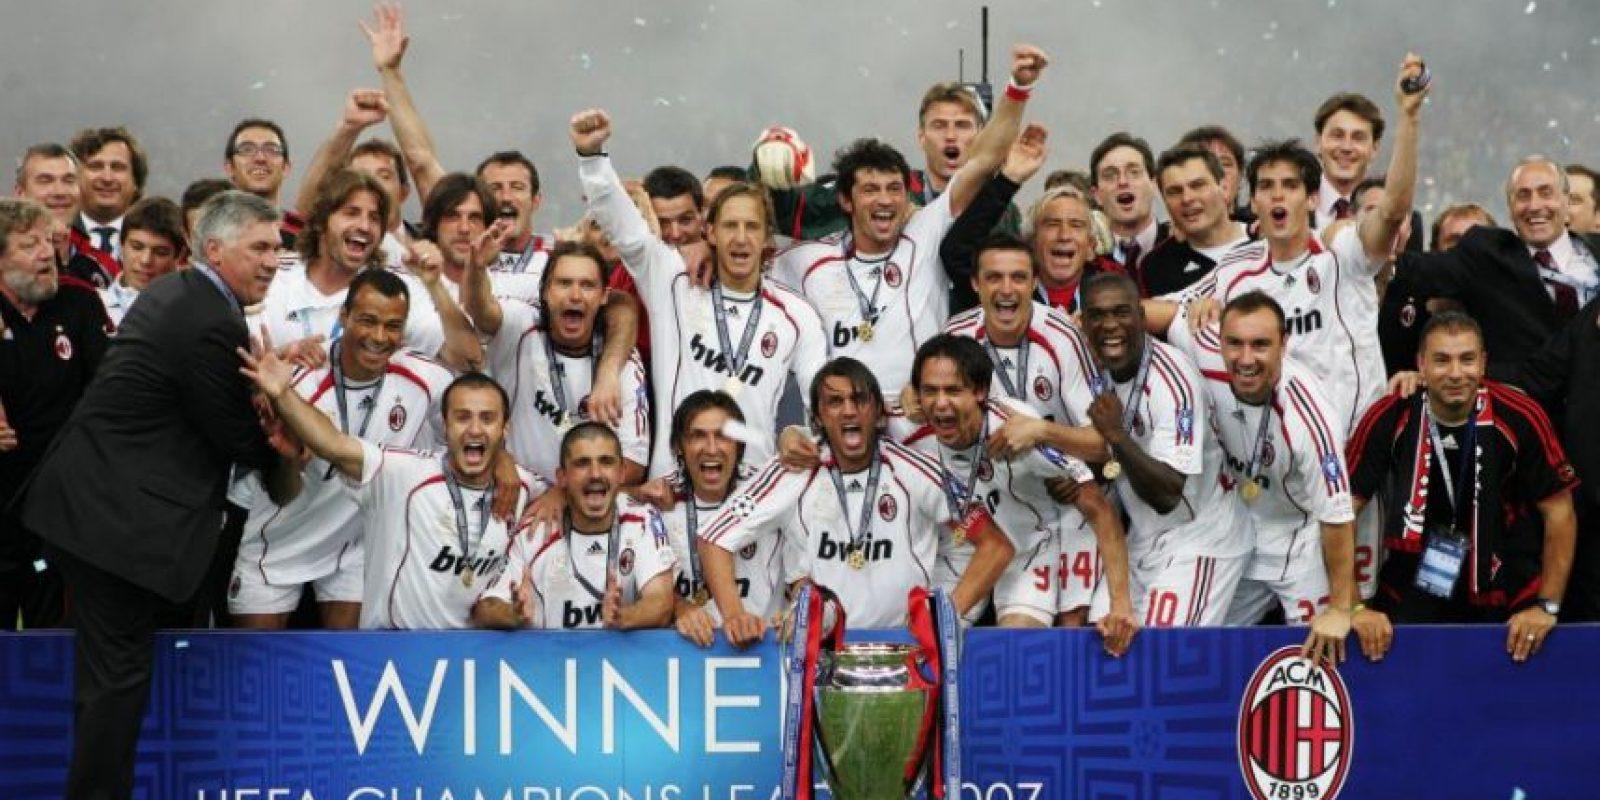 AC Milan (Italia)-7 títulos: 1963, 1969, 1989, 1990, 1994, 2003, 2007 Foto:Getty Images